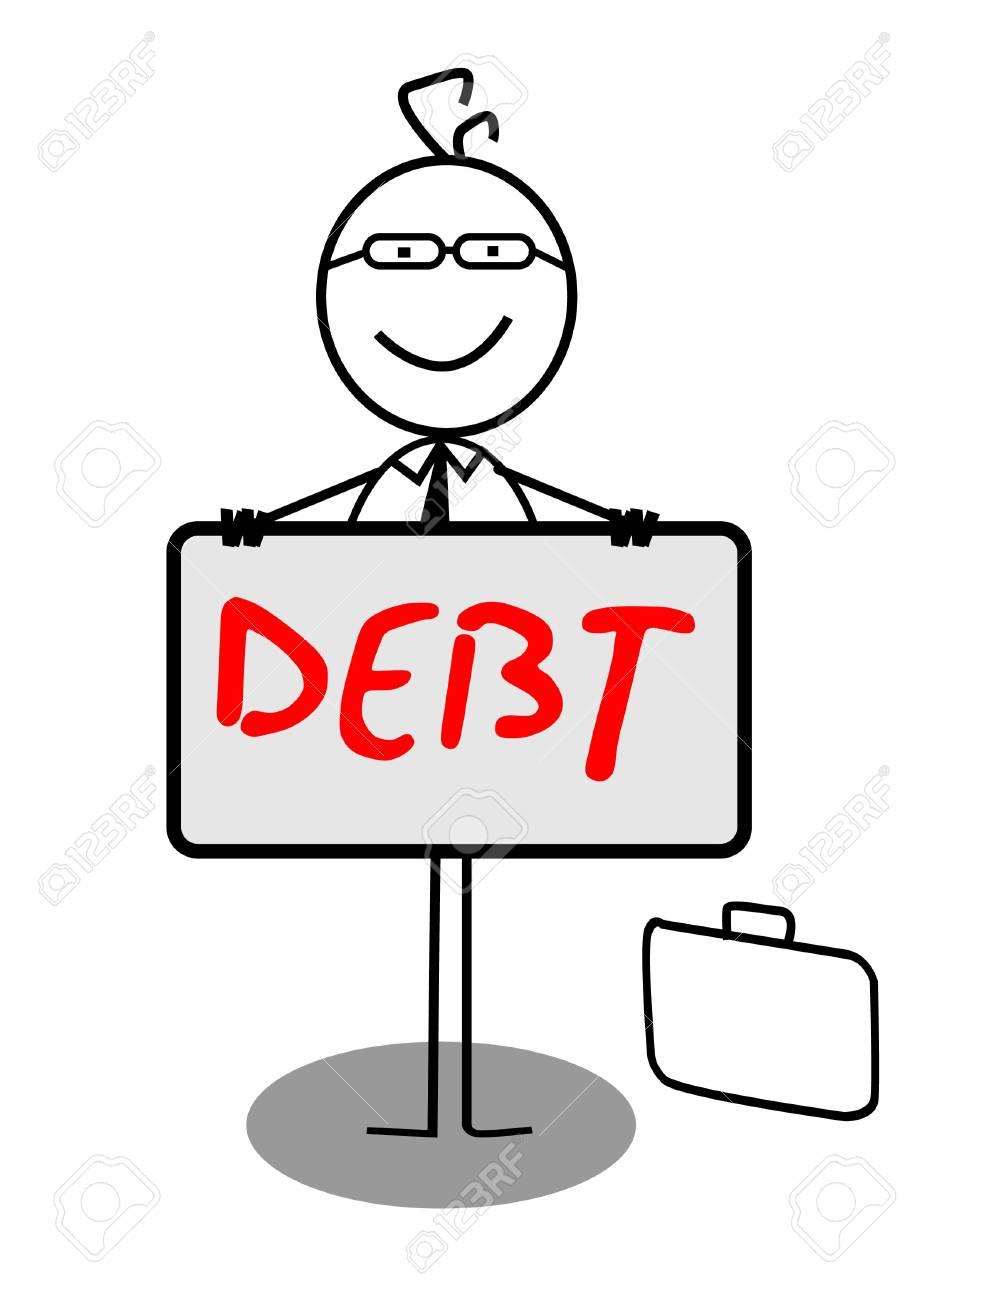 Businessman Happy Debt Banner Stock Vector - 13189349